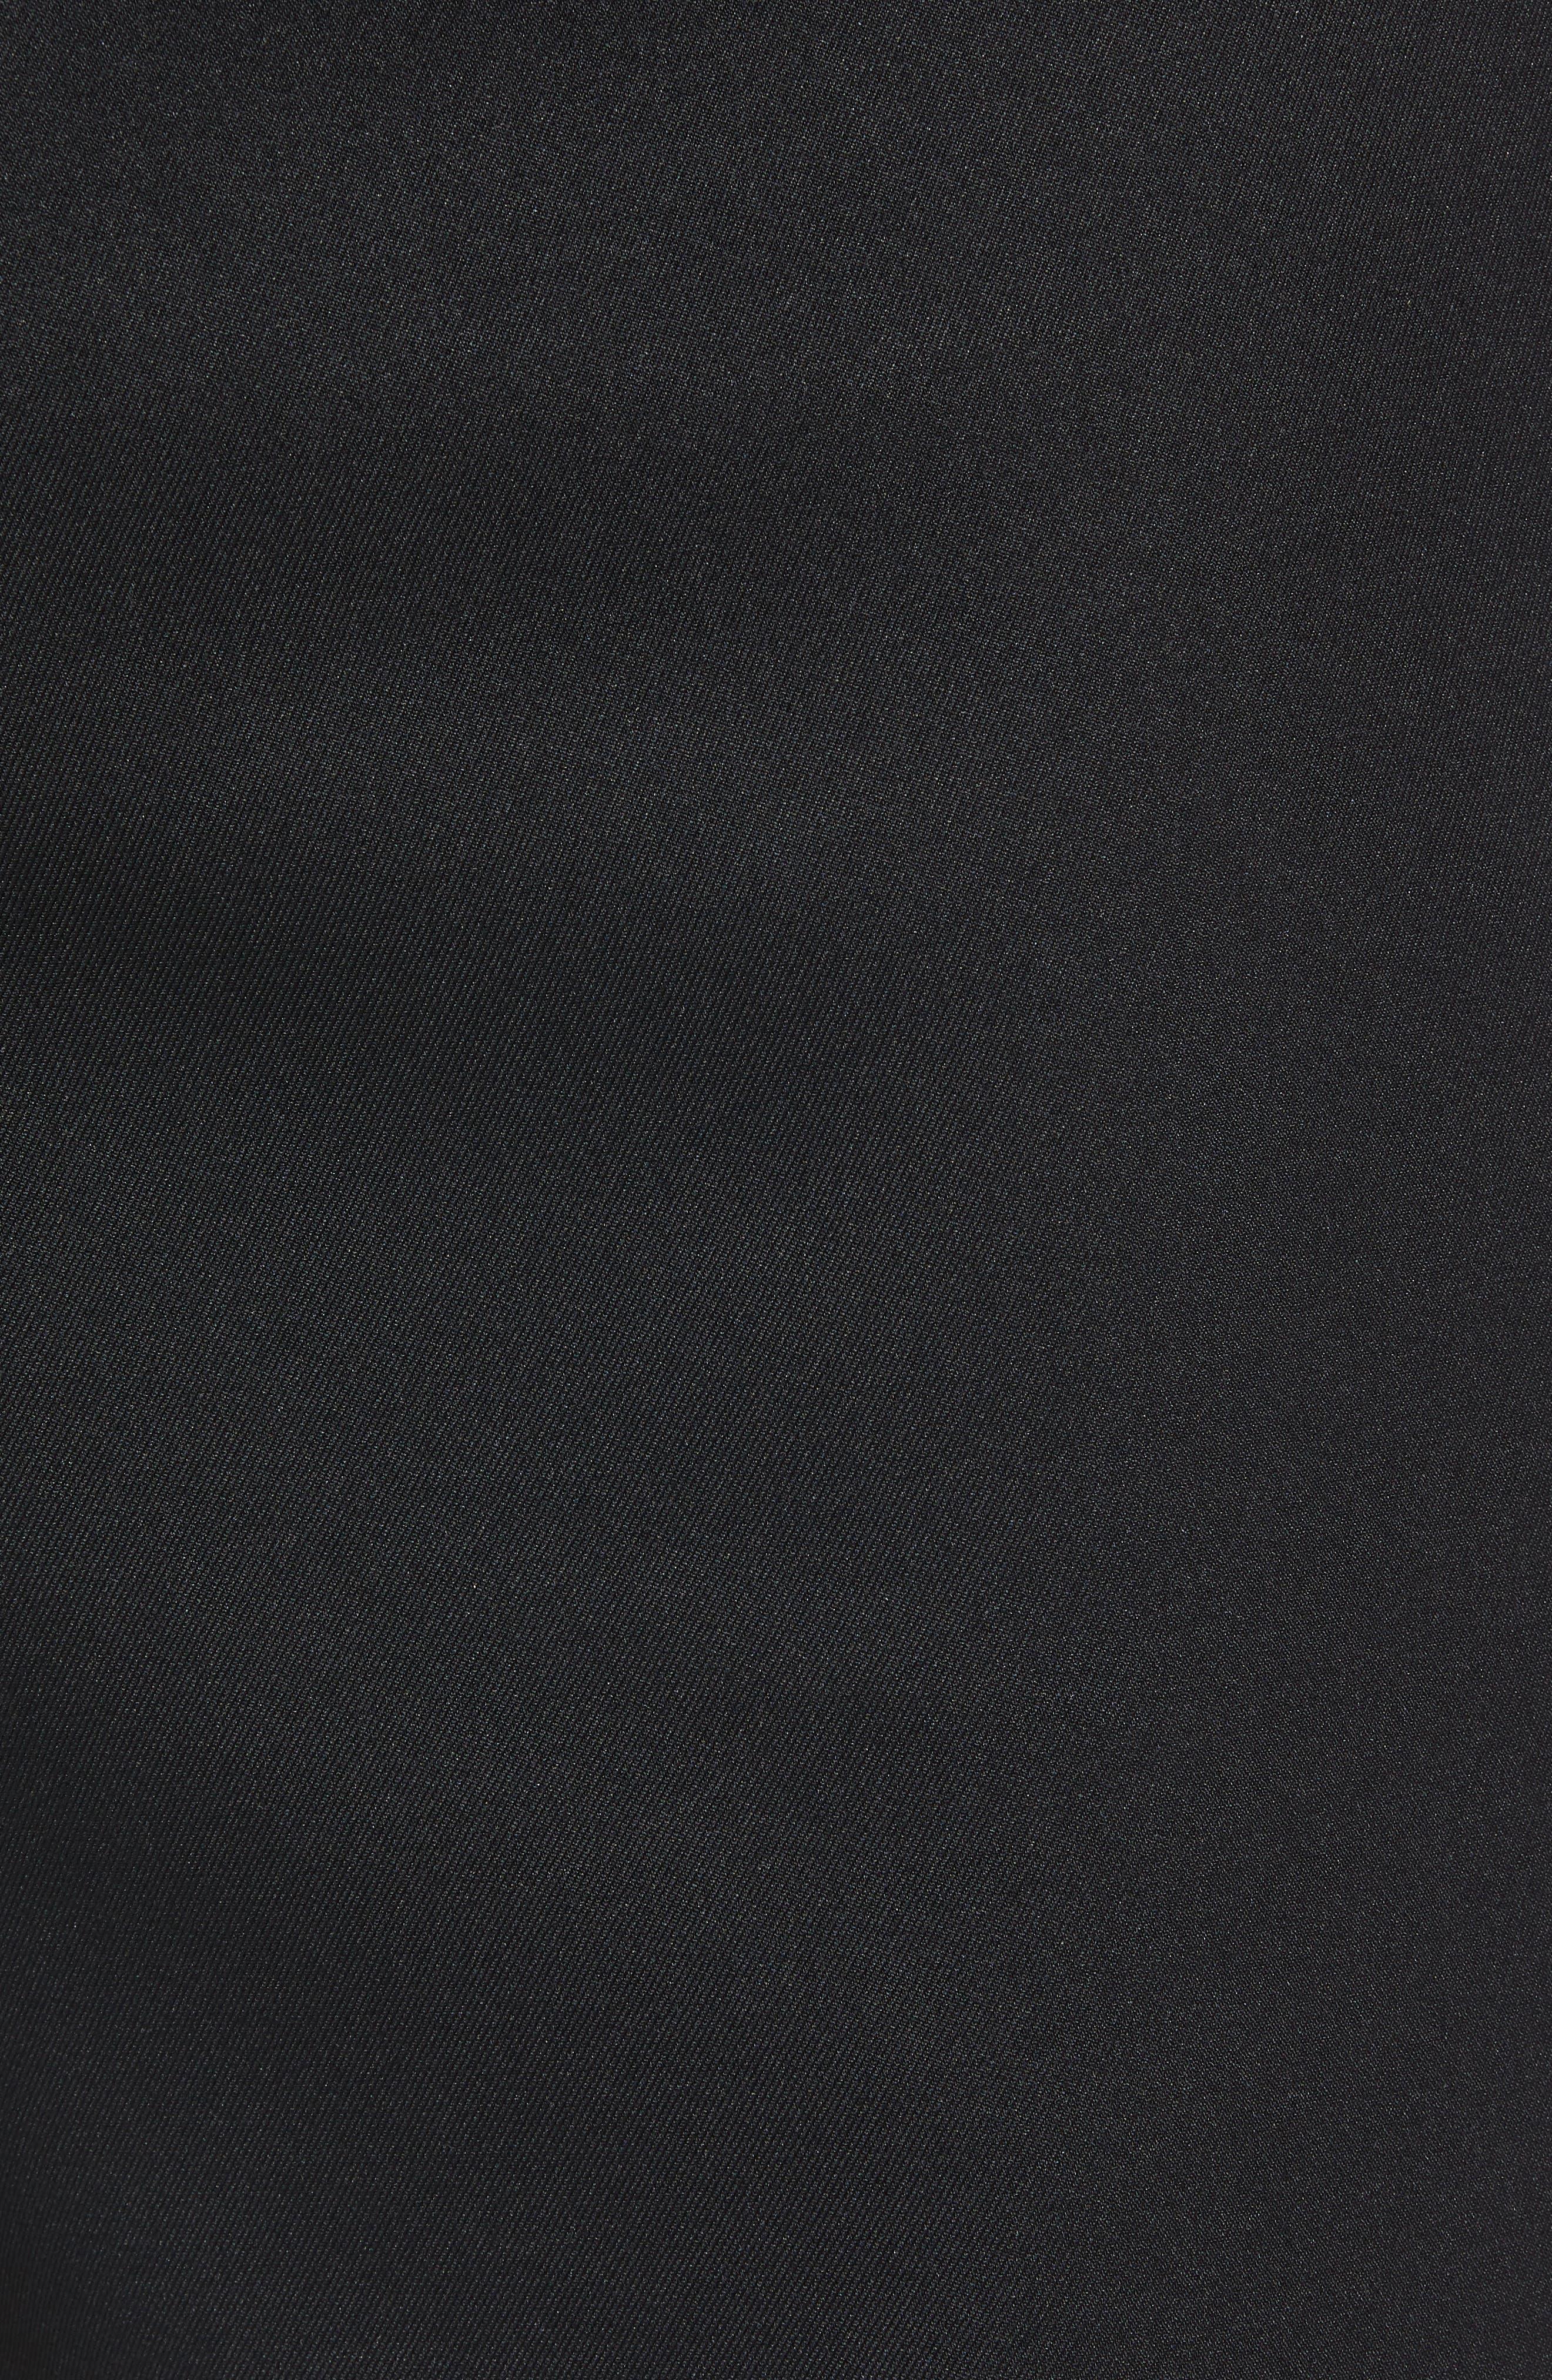 Salem High Drape Performance Shorts,                             Alternate thumbnail 5, color,                             BLACK